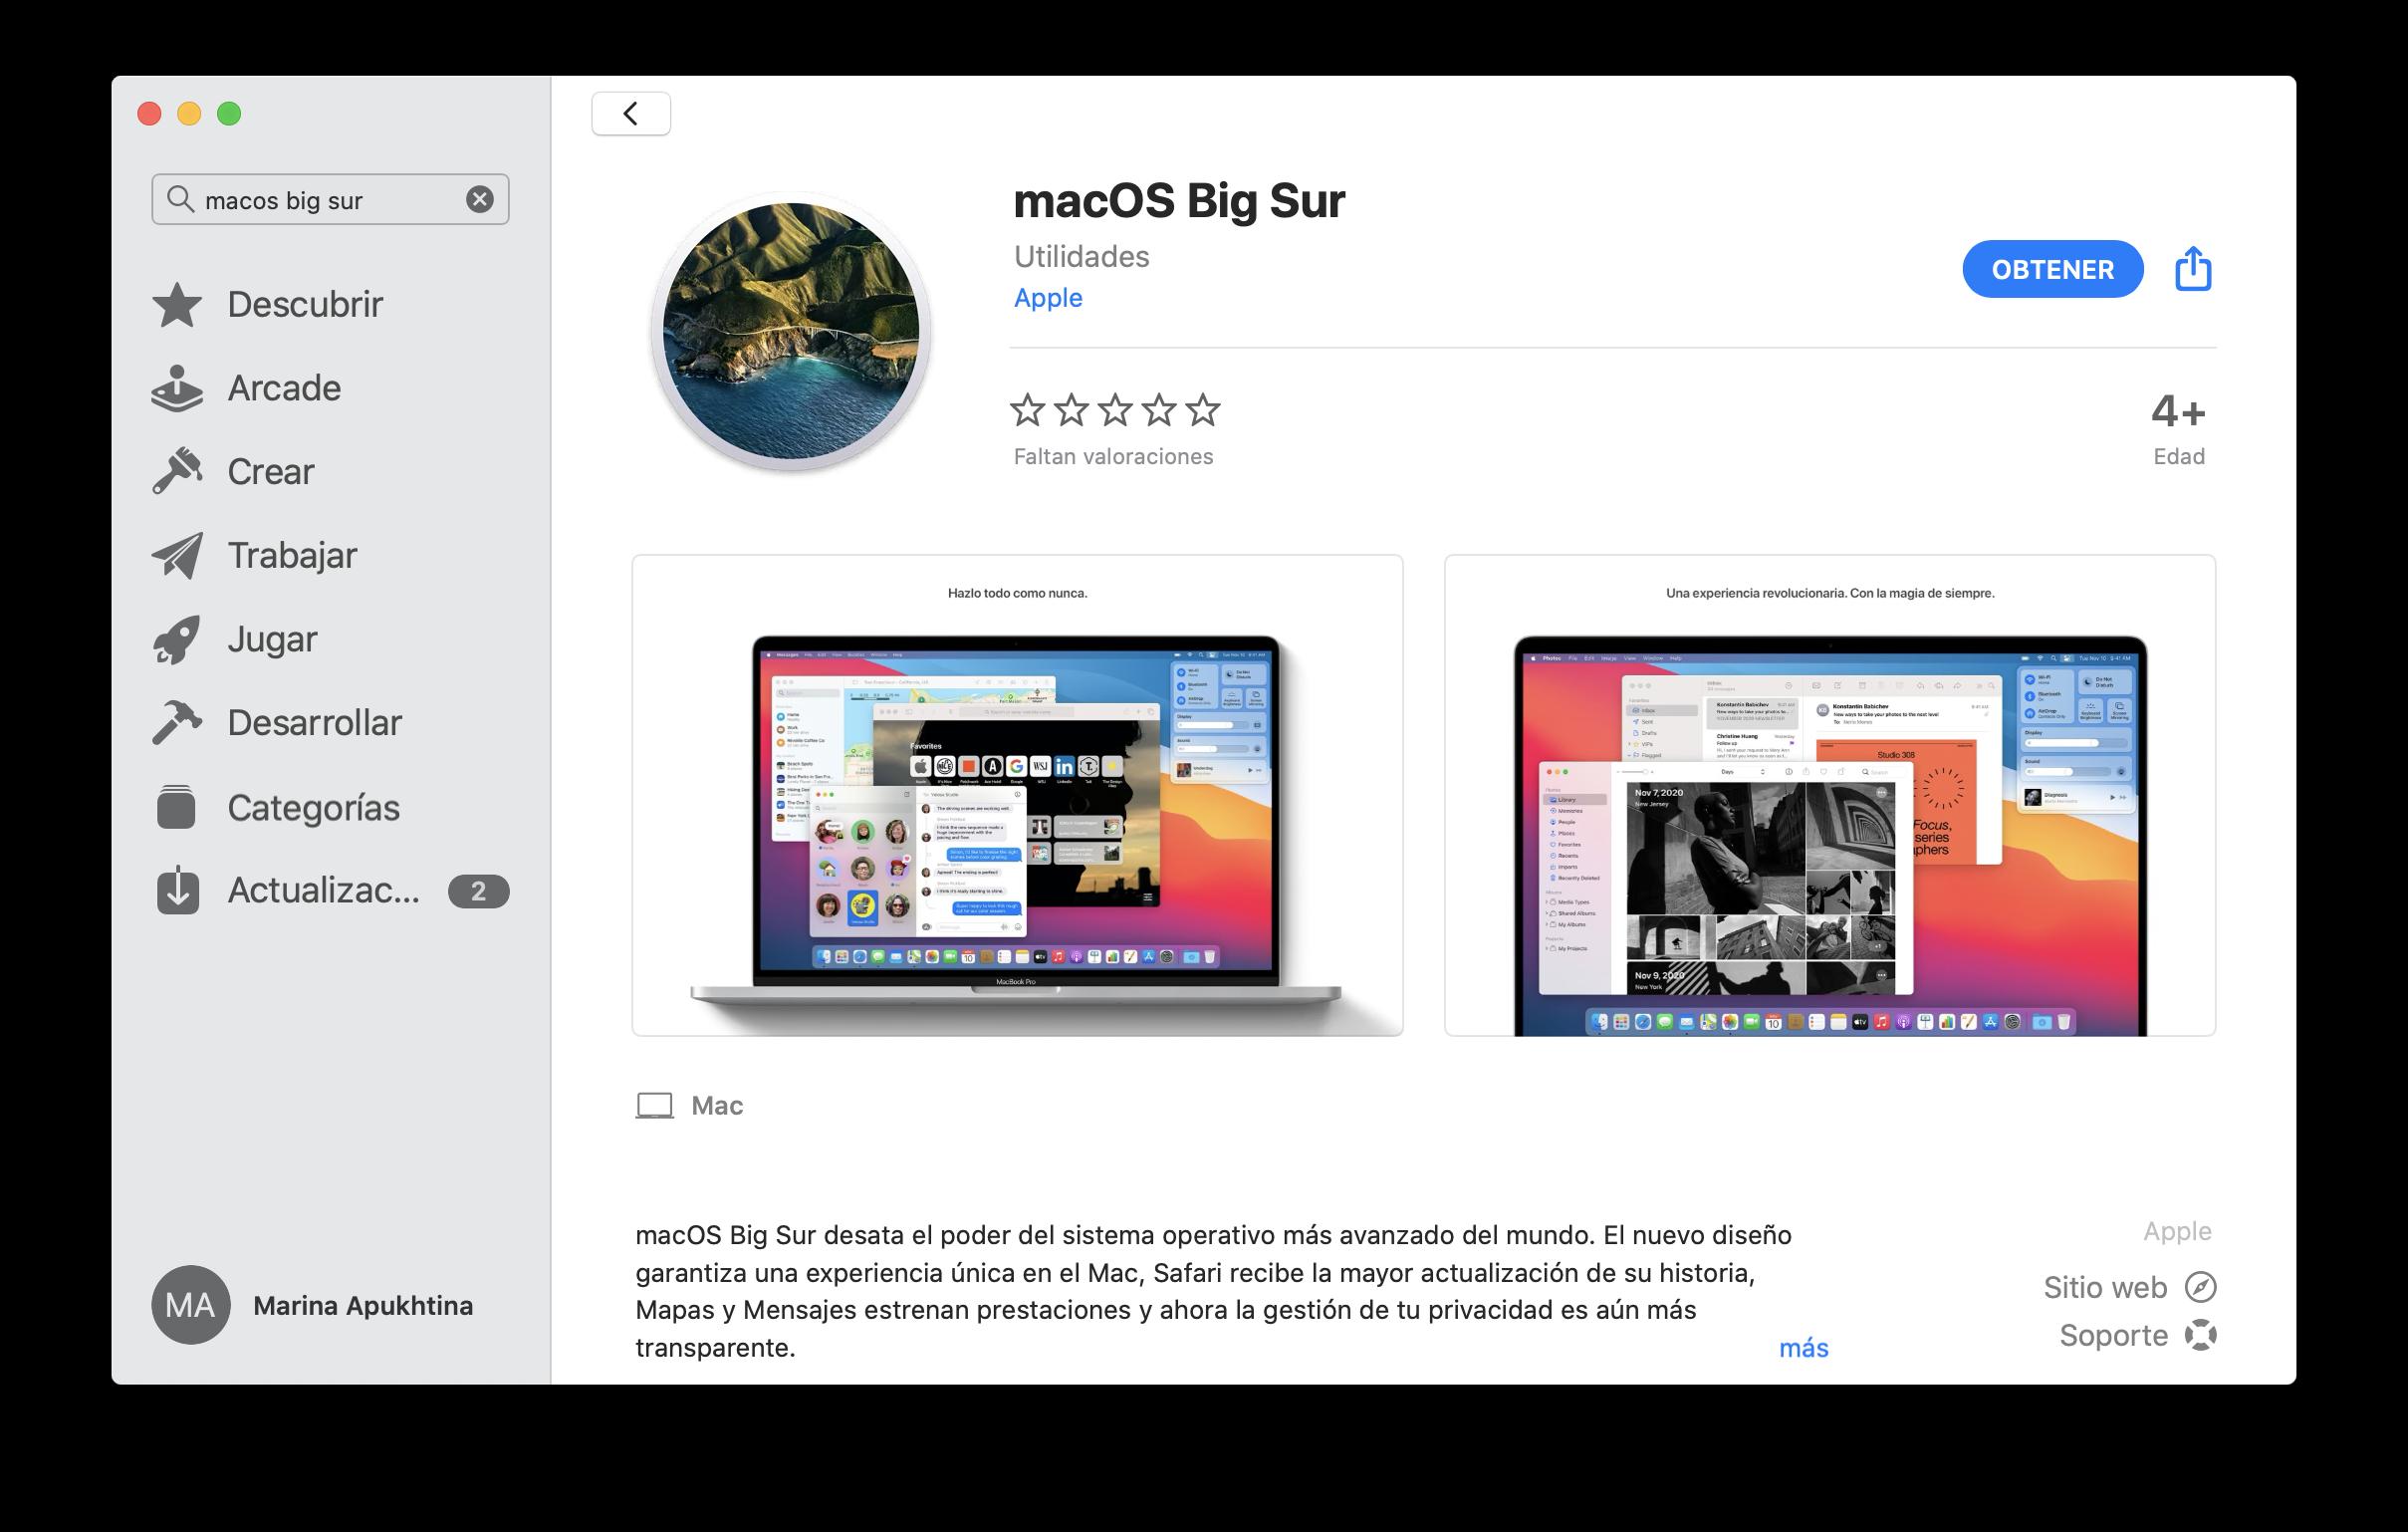 macOS Big Sur en App Store